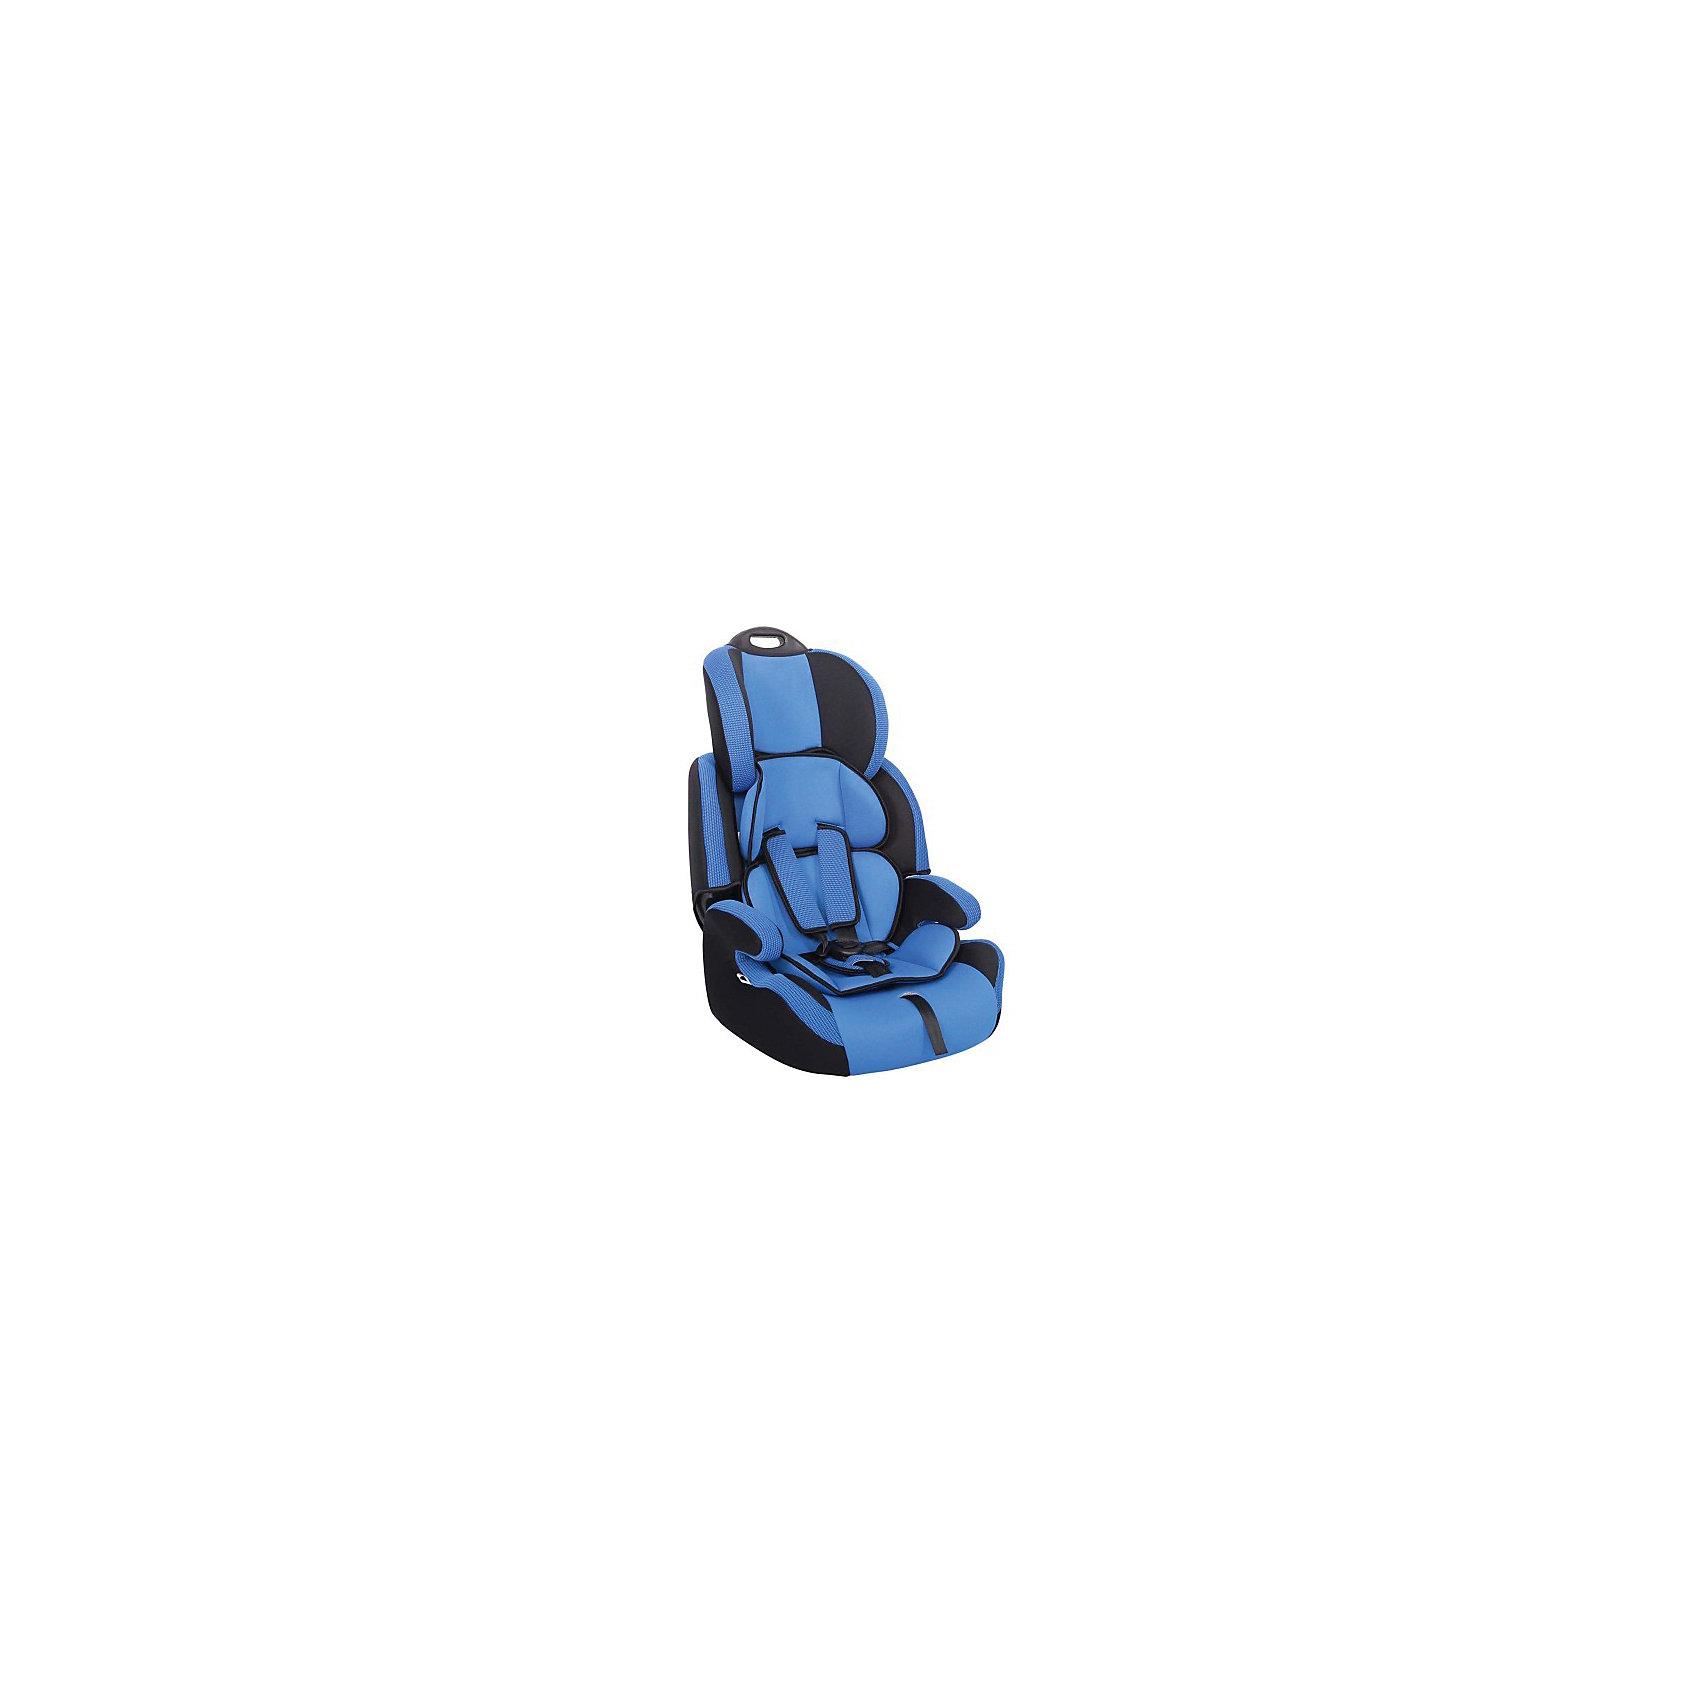 Автокресло Siger Стар, 9-36 кг, синийГруппа 1-2-3 (От 9 до 36 кг)<br>Стар Siger современное удобное автокресло, приятной расцветки, которое обладает анатомической формой. Ортопедическая спинка, мягкий подголовник, и накладки внутренних ремней обеспечивают максимальный комфорт во время поездки. Съёмный чехол изготовлен из качественного износостойкого материала, который легко поддается стирке или чистке.<br><br>Дополнительная информация:<br><br>- Материал: текстиль, пластик, металл.<br>- Размер: ГхШхВ 47*46*67 см<br>- Возраст: от 12 месяцев до 12 лет<br>- Группа: 1/2/3 (9-36 кг)<br>- Вес кресла: 5.5 кг<br>- Регулировка подголовника по высоте<br>- Регулировка наклона спинки<br>- Внутренние 5-точечные ремни безопасности<br><br>Автокресло Стар, 9-36 кг., Siger, синий можно купить в нашем интернет-магазине.<br><br>Ширина мм: 600<br>Глубина мм: 500<br>Высота мм: 700<br>Вес г: 5500<br>Возраст от месяцев: 12<br>Возраст до месяцев: 144<br>Пол: Унисекс<br>Возраст: Детский<br>SKU: 4809127